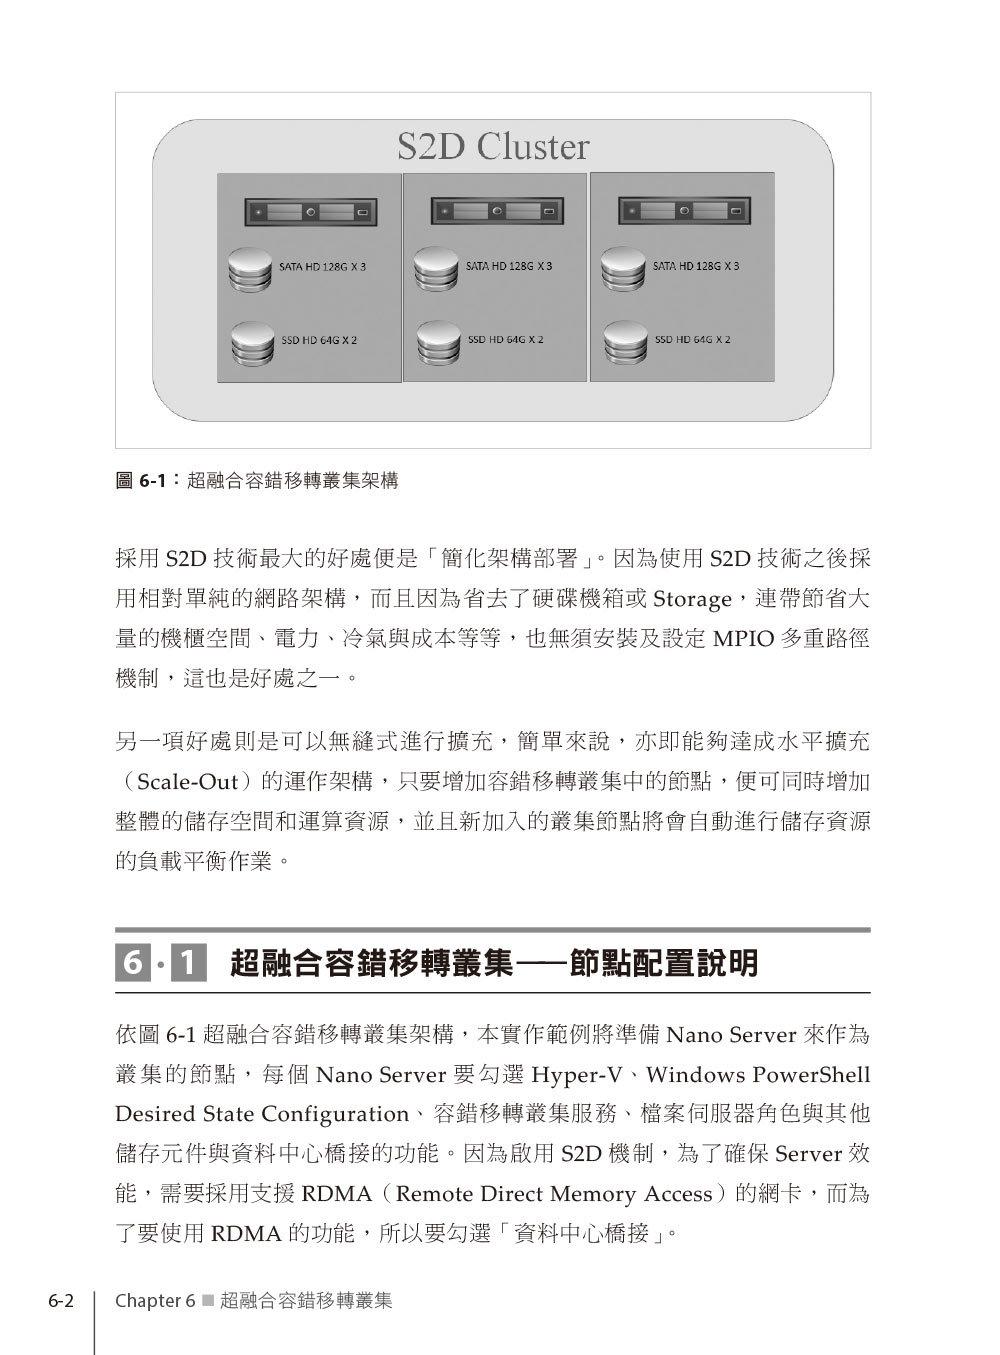 實戰高可用性 Hyper-V|使用 Nano Server 與 Server Core 建置永不停機系統-preview-7